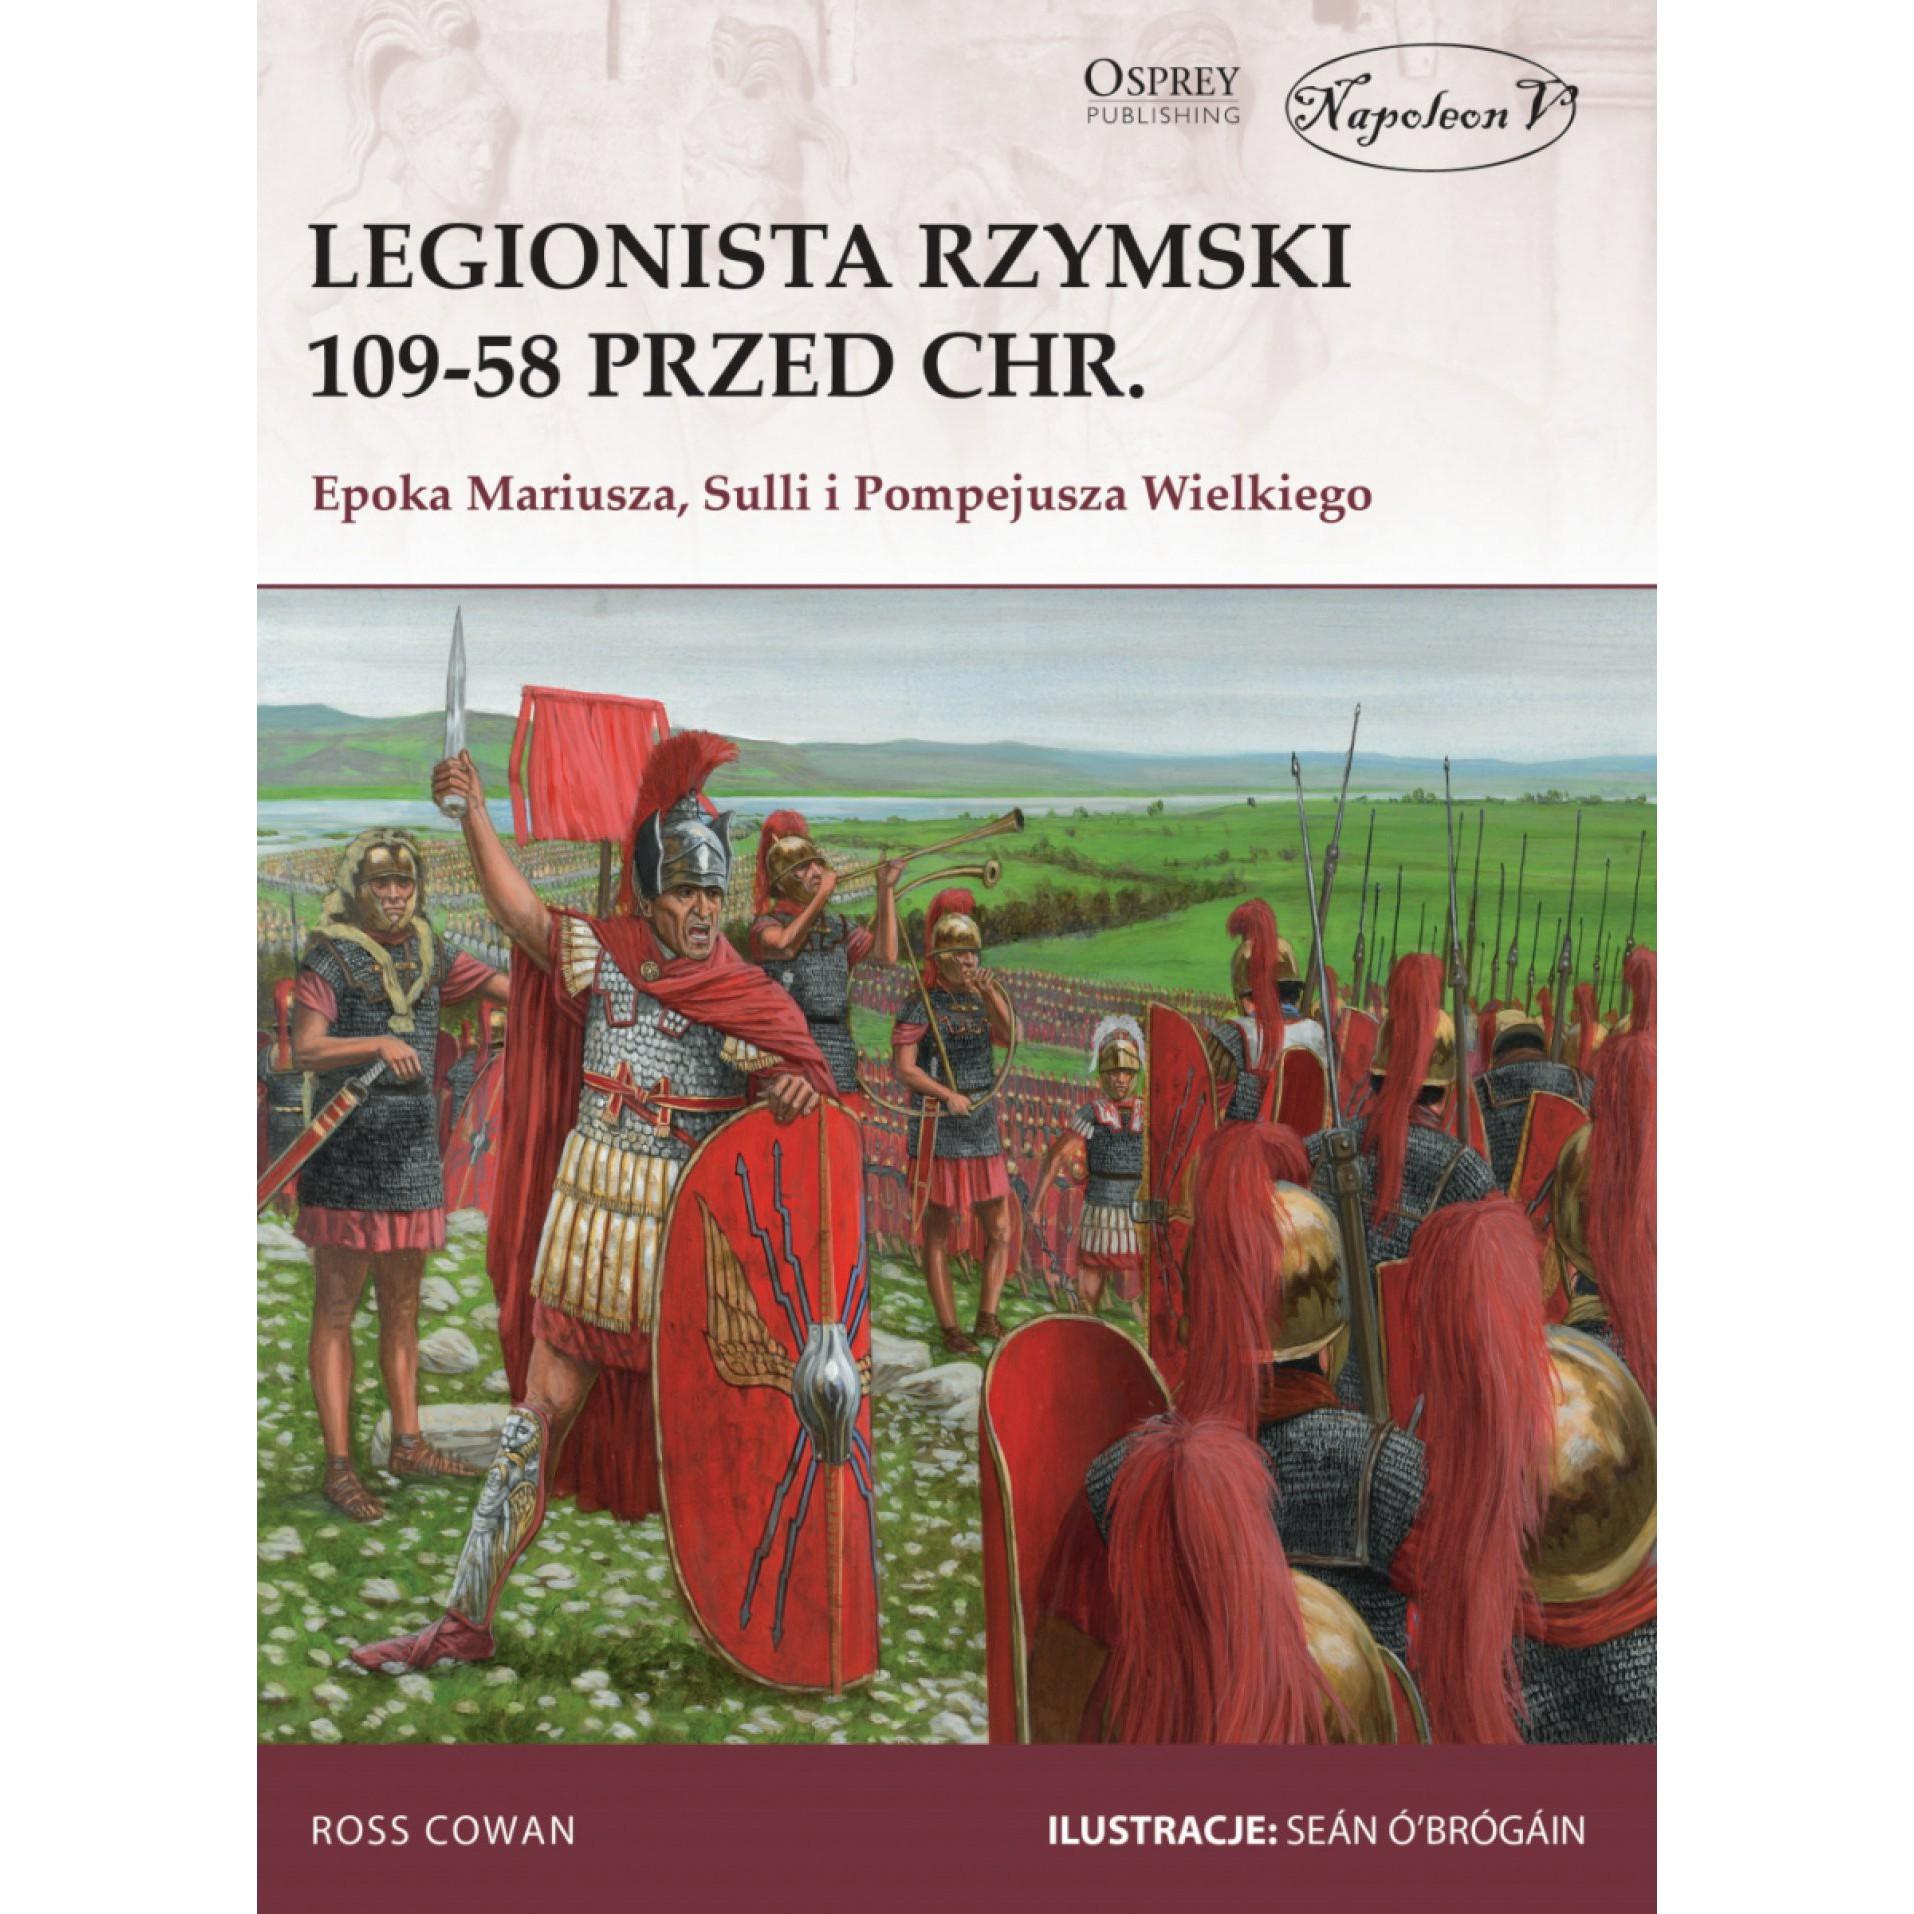 Legionista rzymski 109-58 przed Chr. Epoka Mariusza, Sulli i Pompejusza Wielkiego